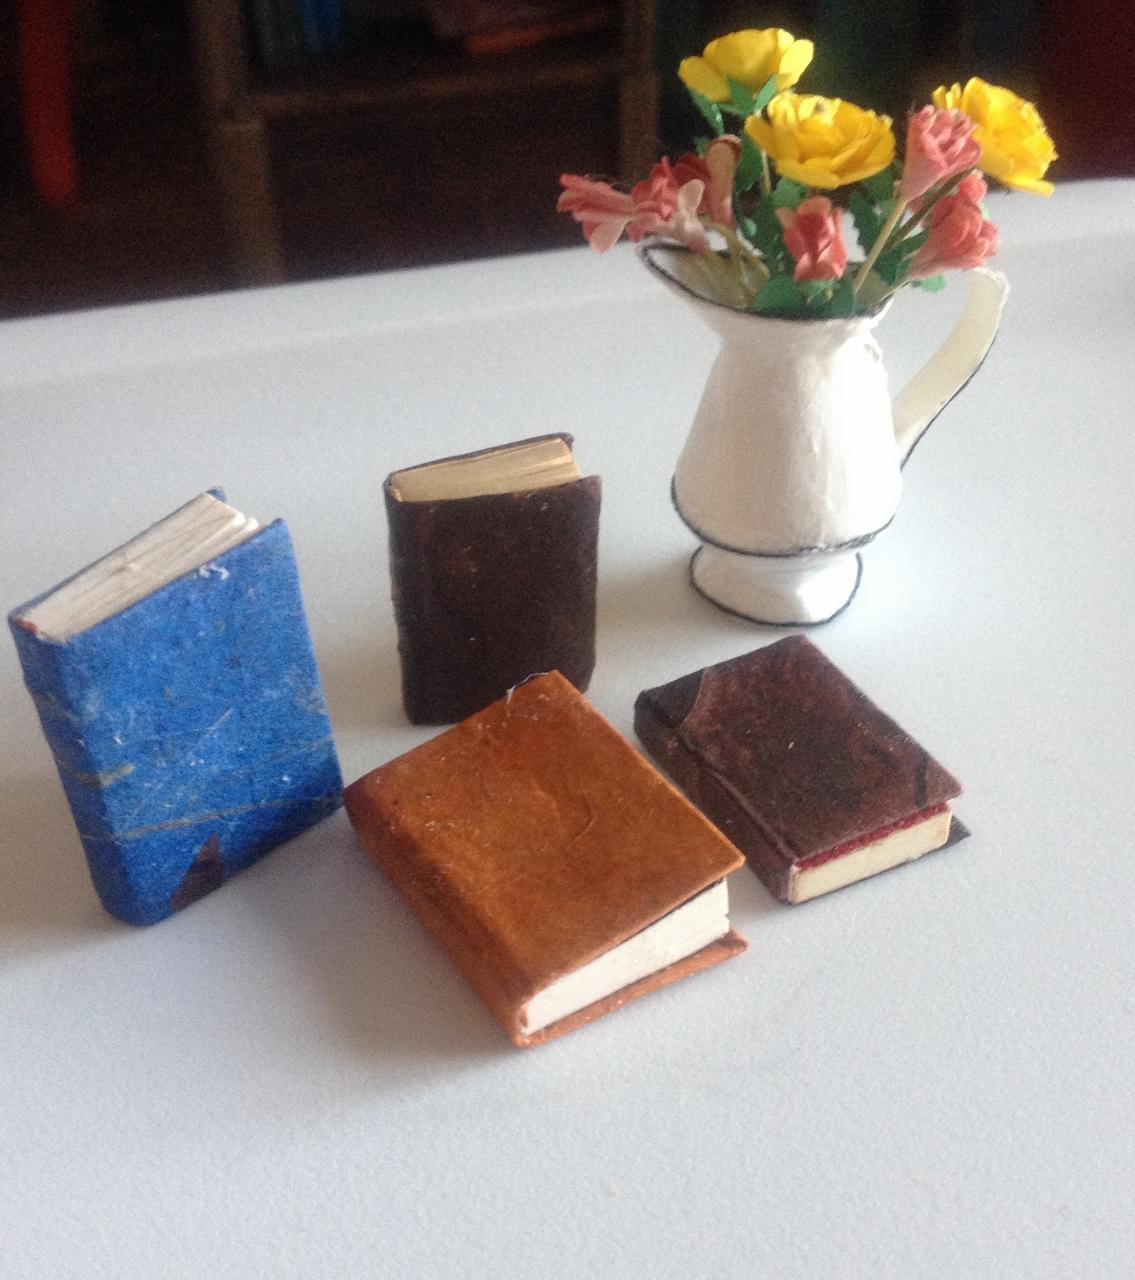 Jenn's Mini Worlds: A Dollhouse Miniaturist's Blog